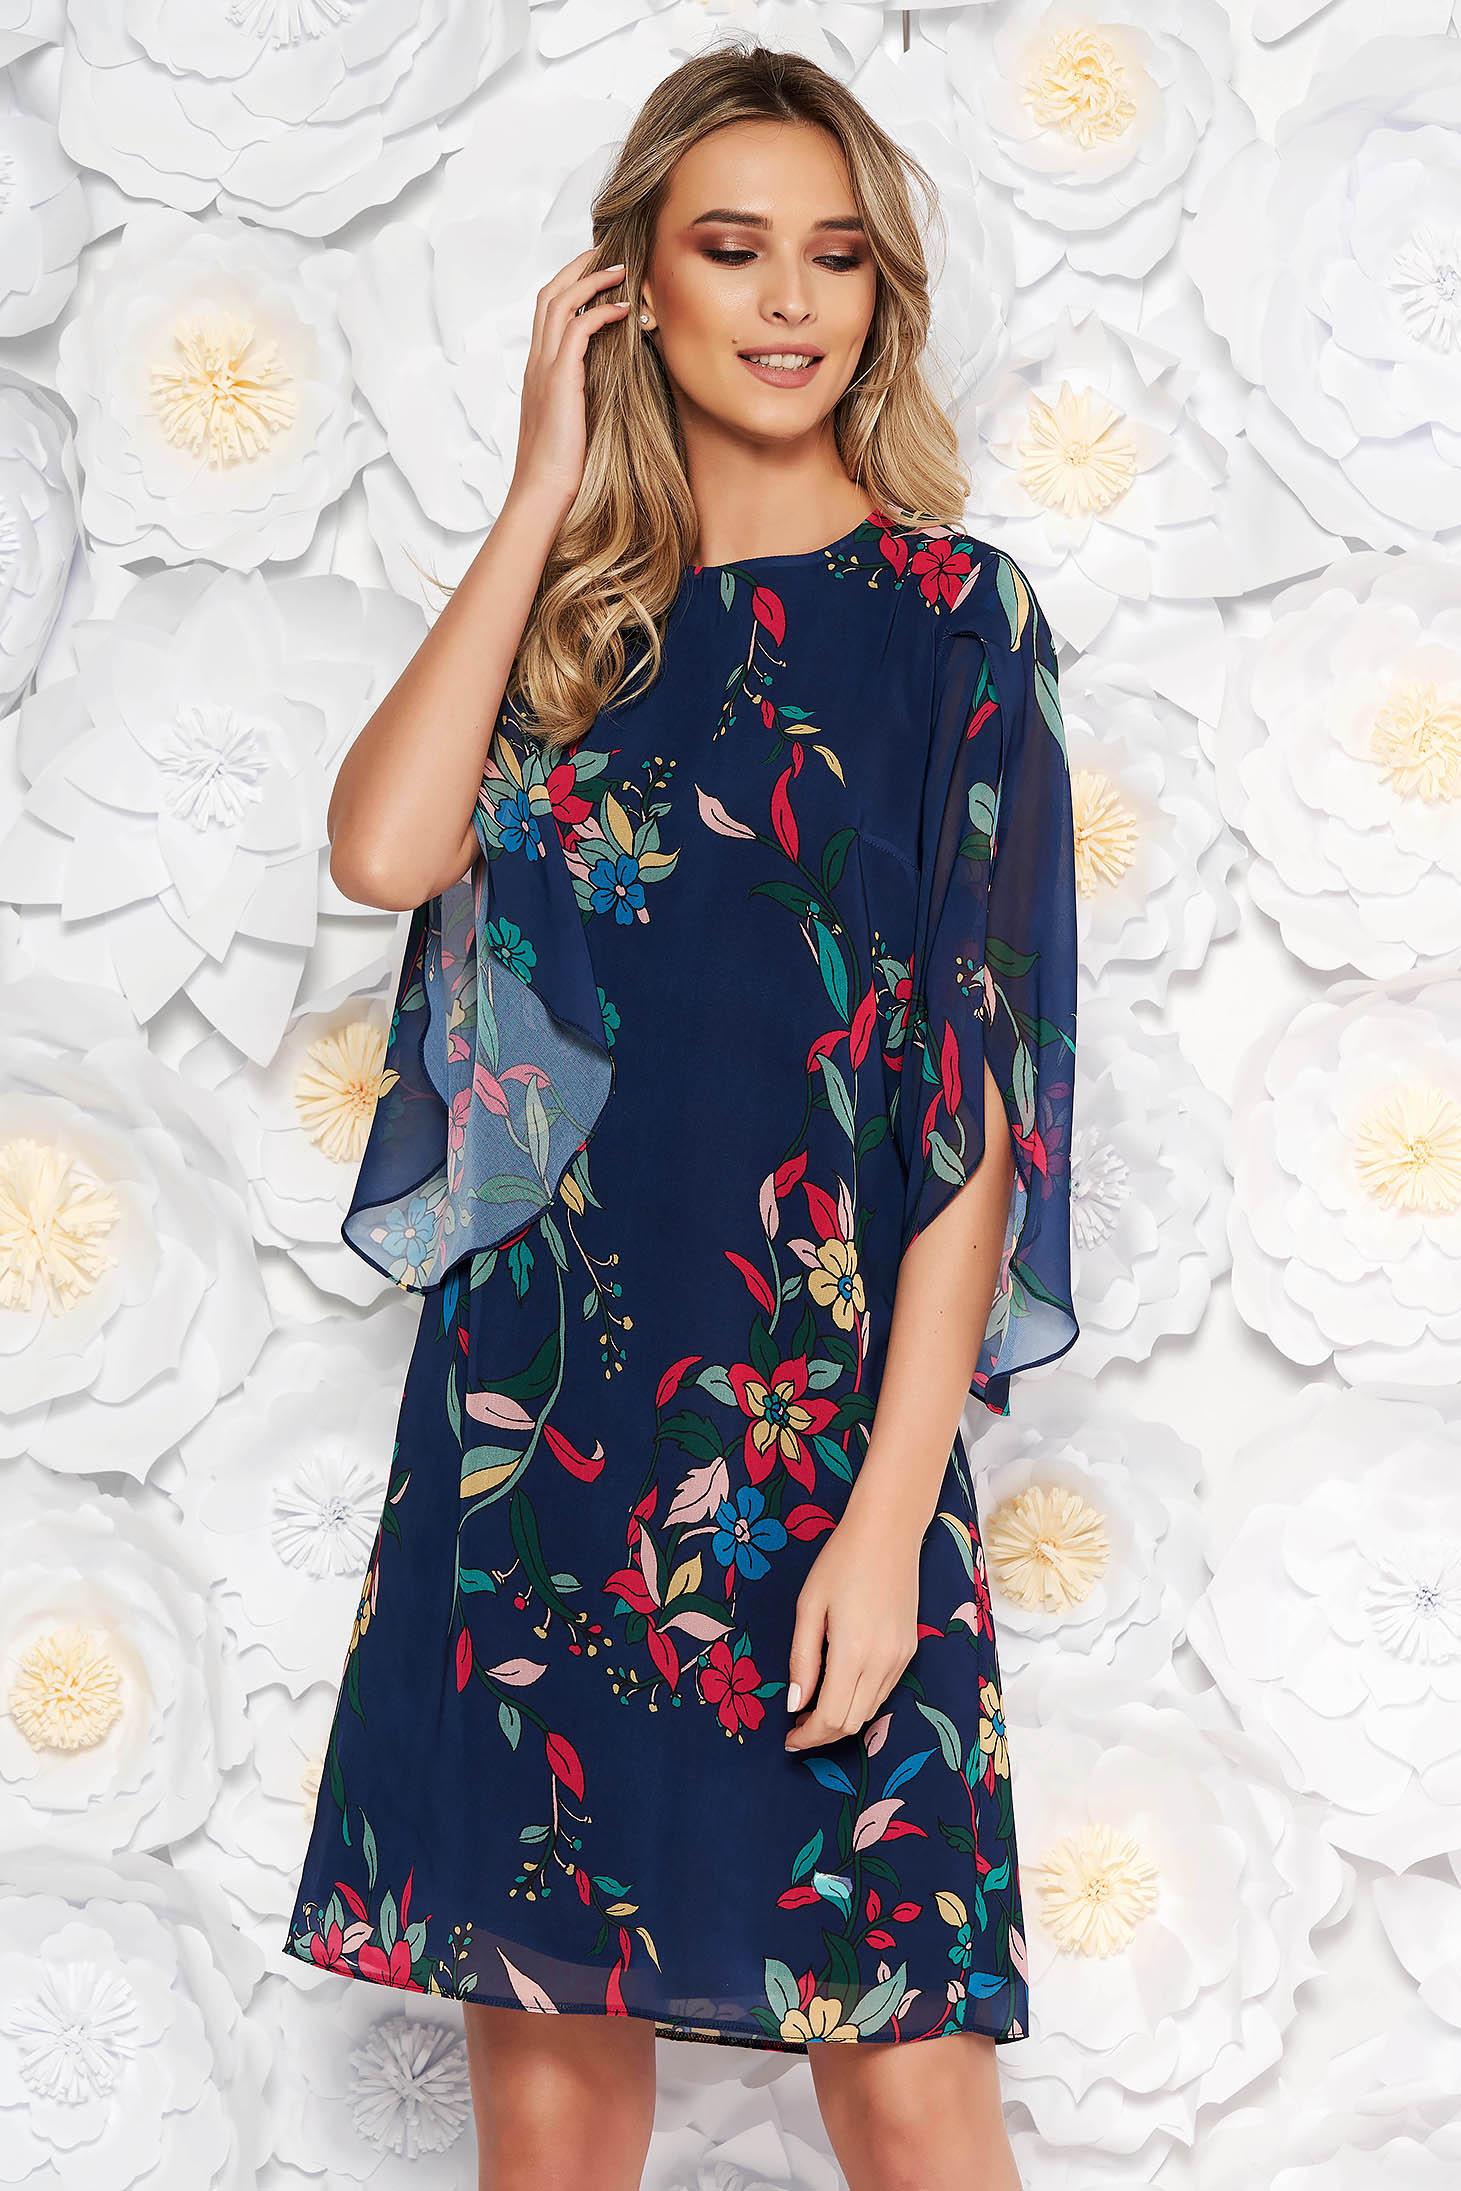 Rochie albastra-inchis eleganta cu croi larg cu maneca 3/4 din voal cu imprimeuri florale